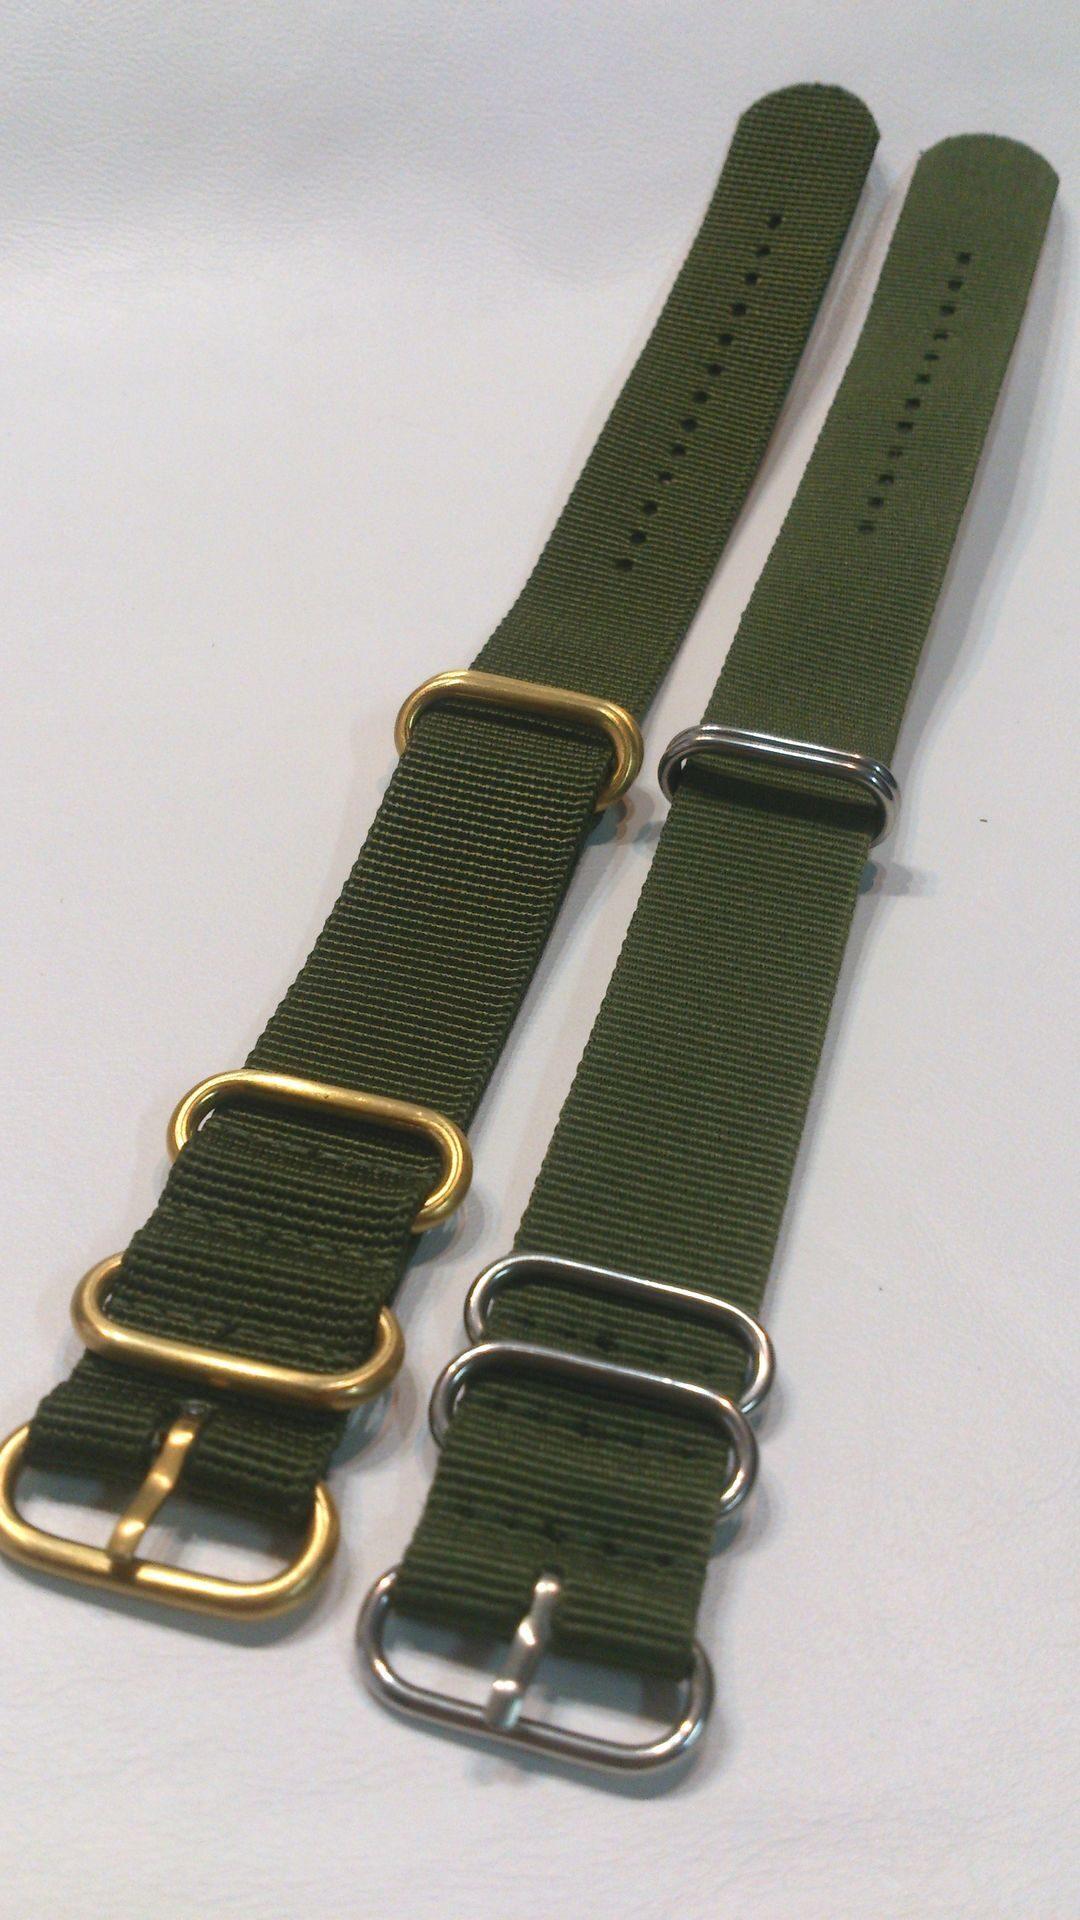 Ремешок для часов своими руками из стропы 10